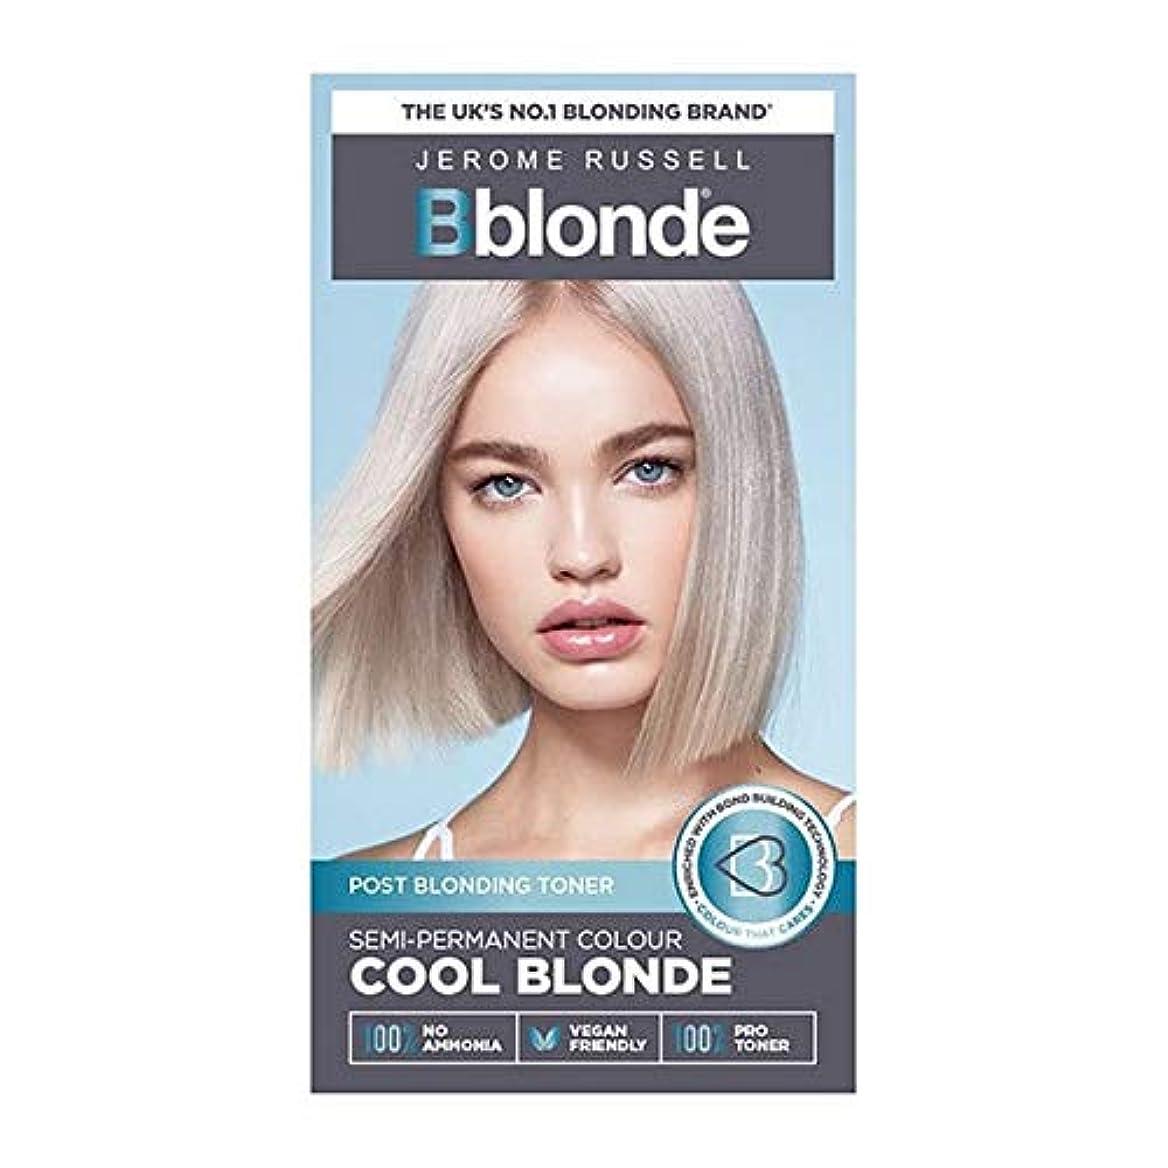 むしゃむしゃ乙女教義[Jerome Russell ] ジェロームラッセルBblonde半恒久的なトナークールなブロンド - Jerome Russell Bblonde Semi Permanent Toner Cool Blonde [...